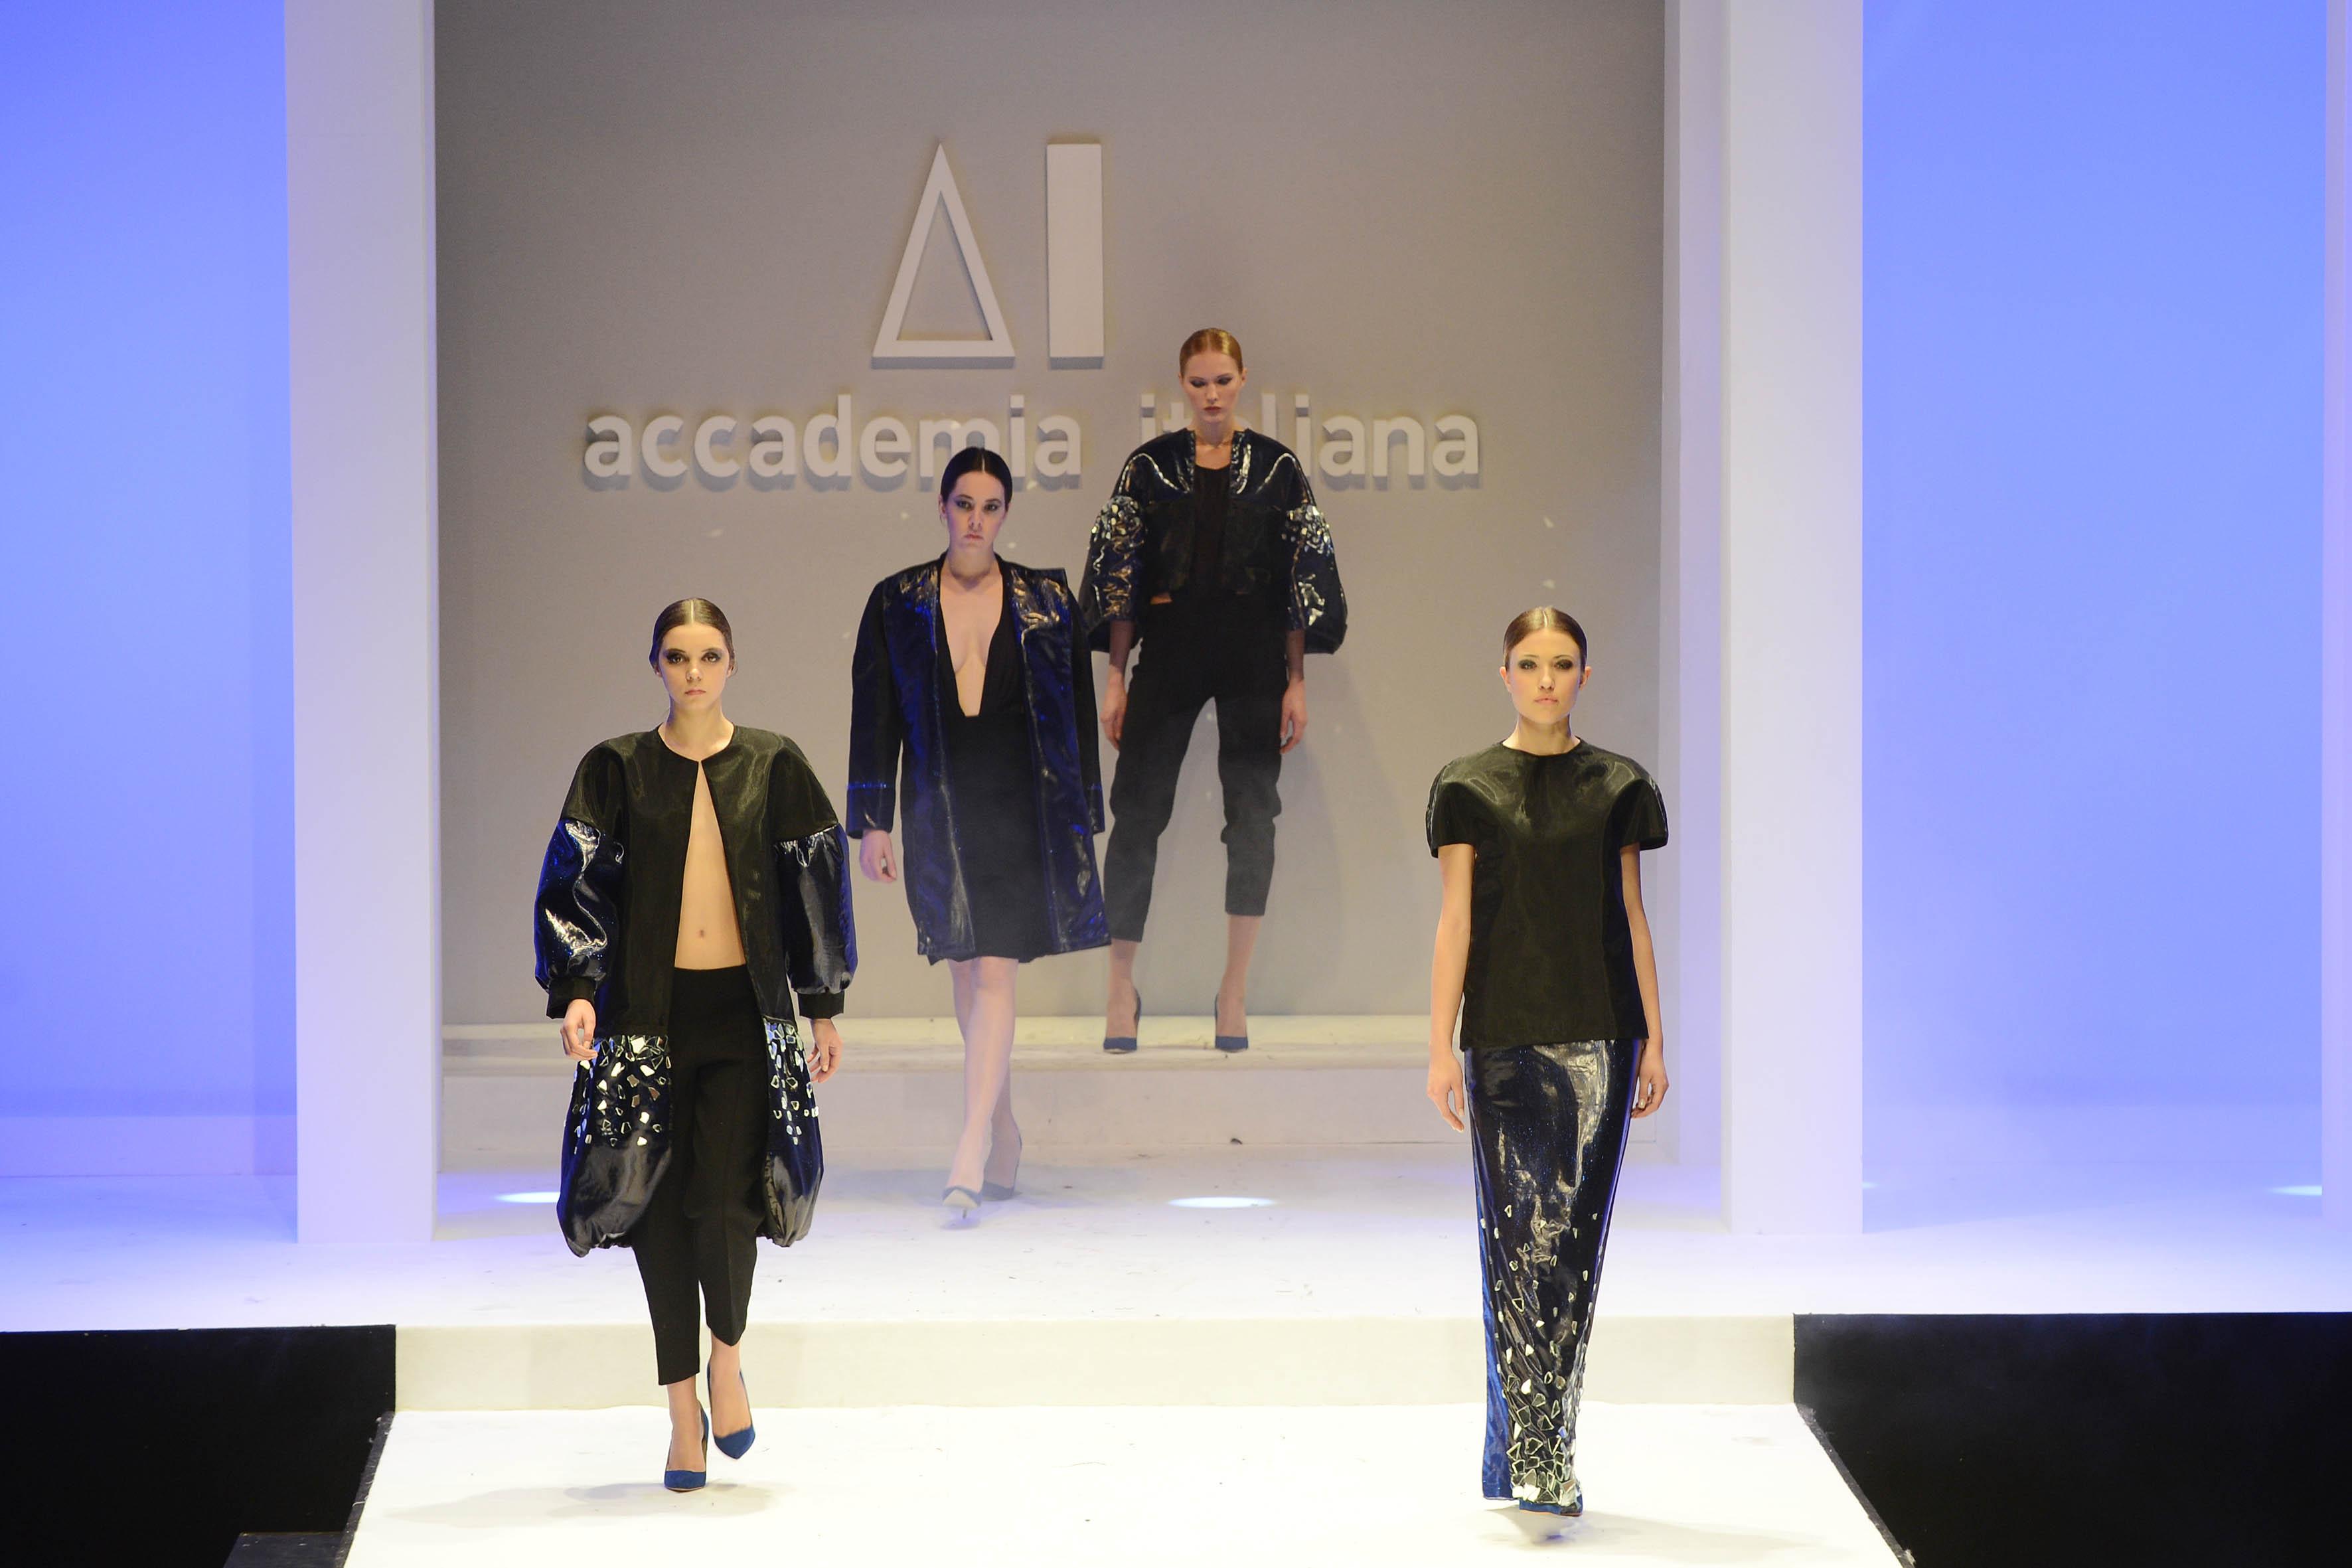 A firenze i grandi nomi della moda firenze made in tuscany for Accademia della moda milano